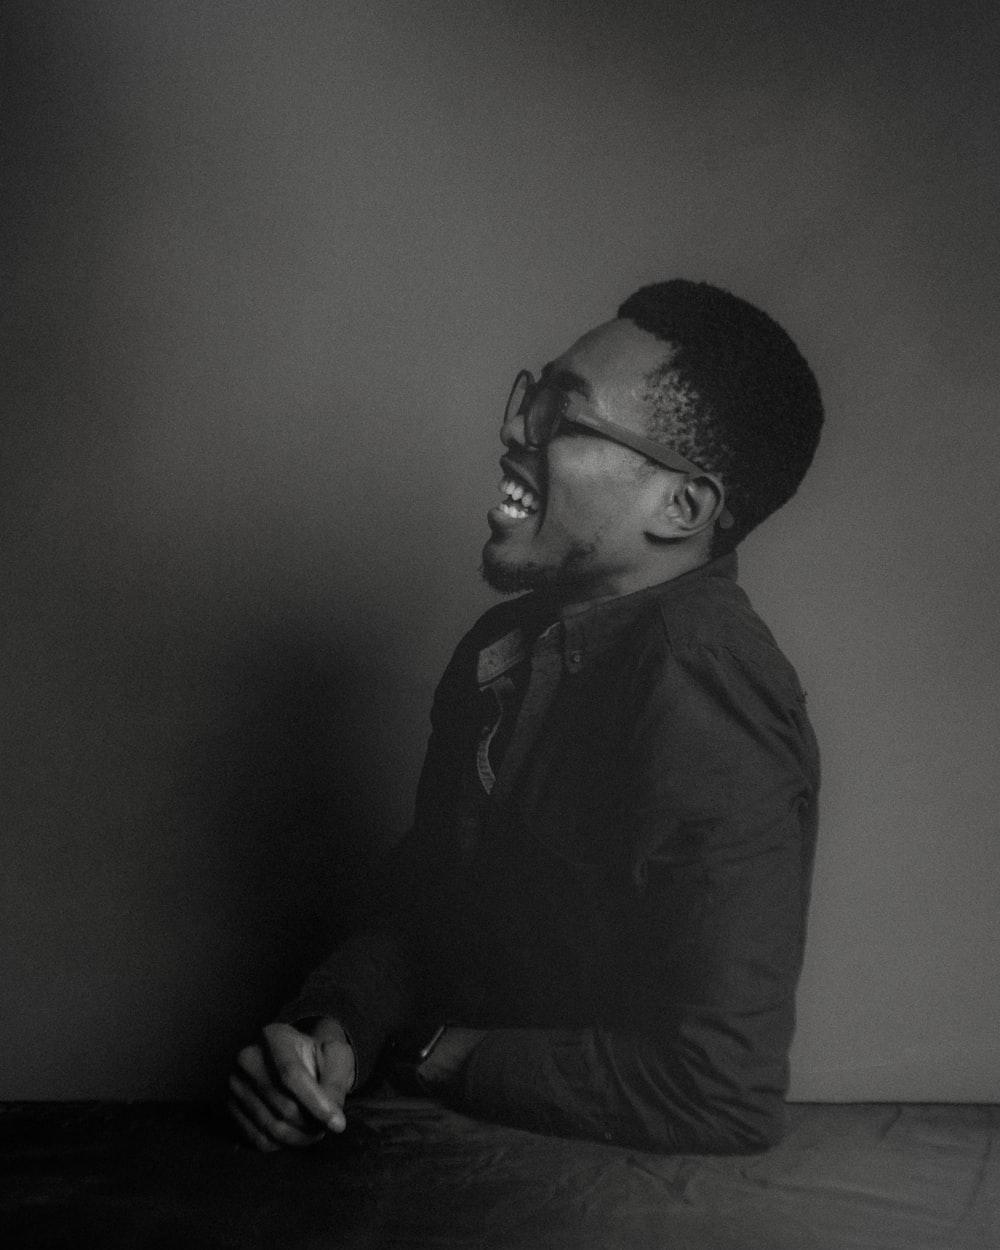 man in black jacket and black framed eyeglasses